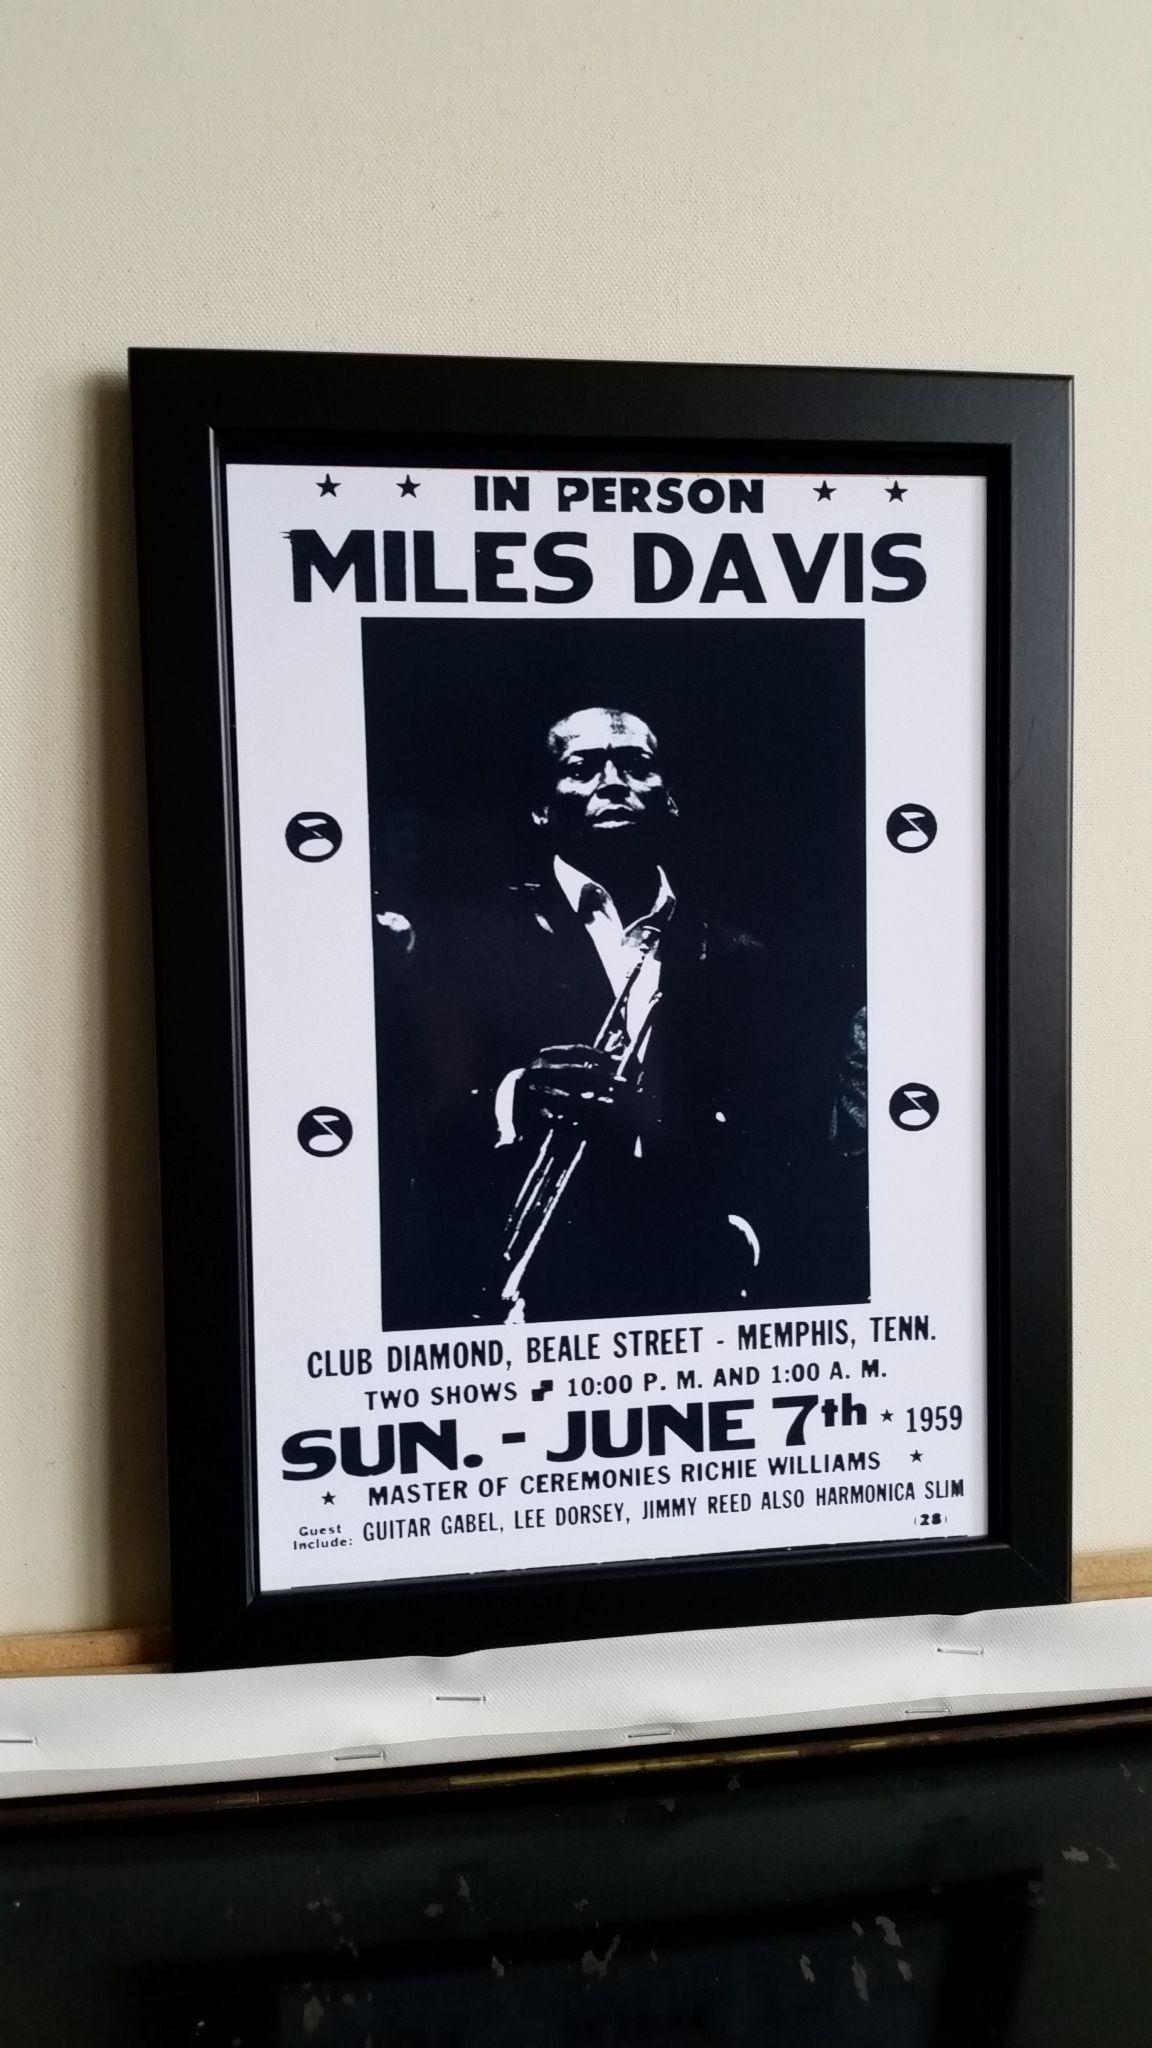 マイルス・デイビス 1959年 ビンテージコンサートポスターA4 【フレーム入り】英国製